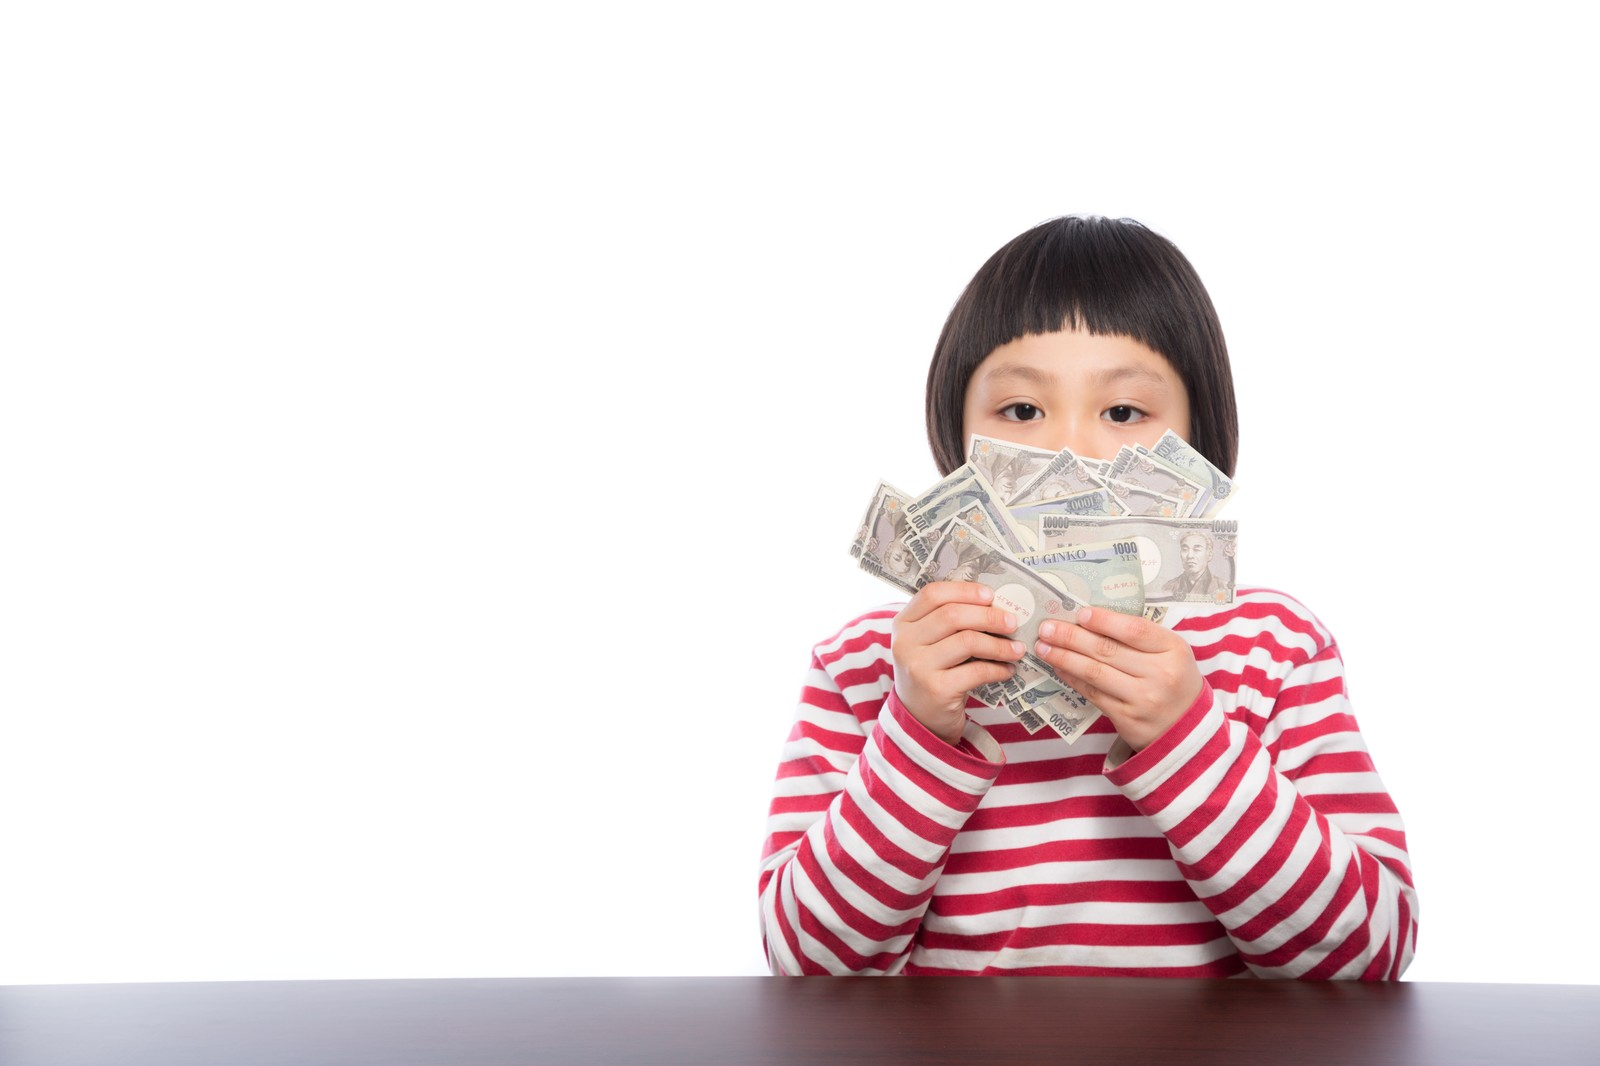 ハローワークで英語を勉強すると10万円が返金されます!